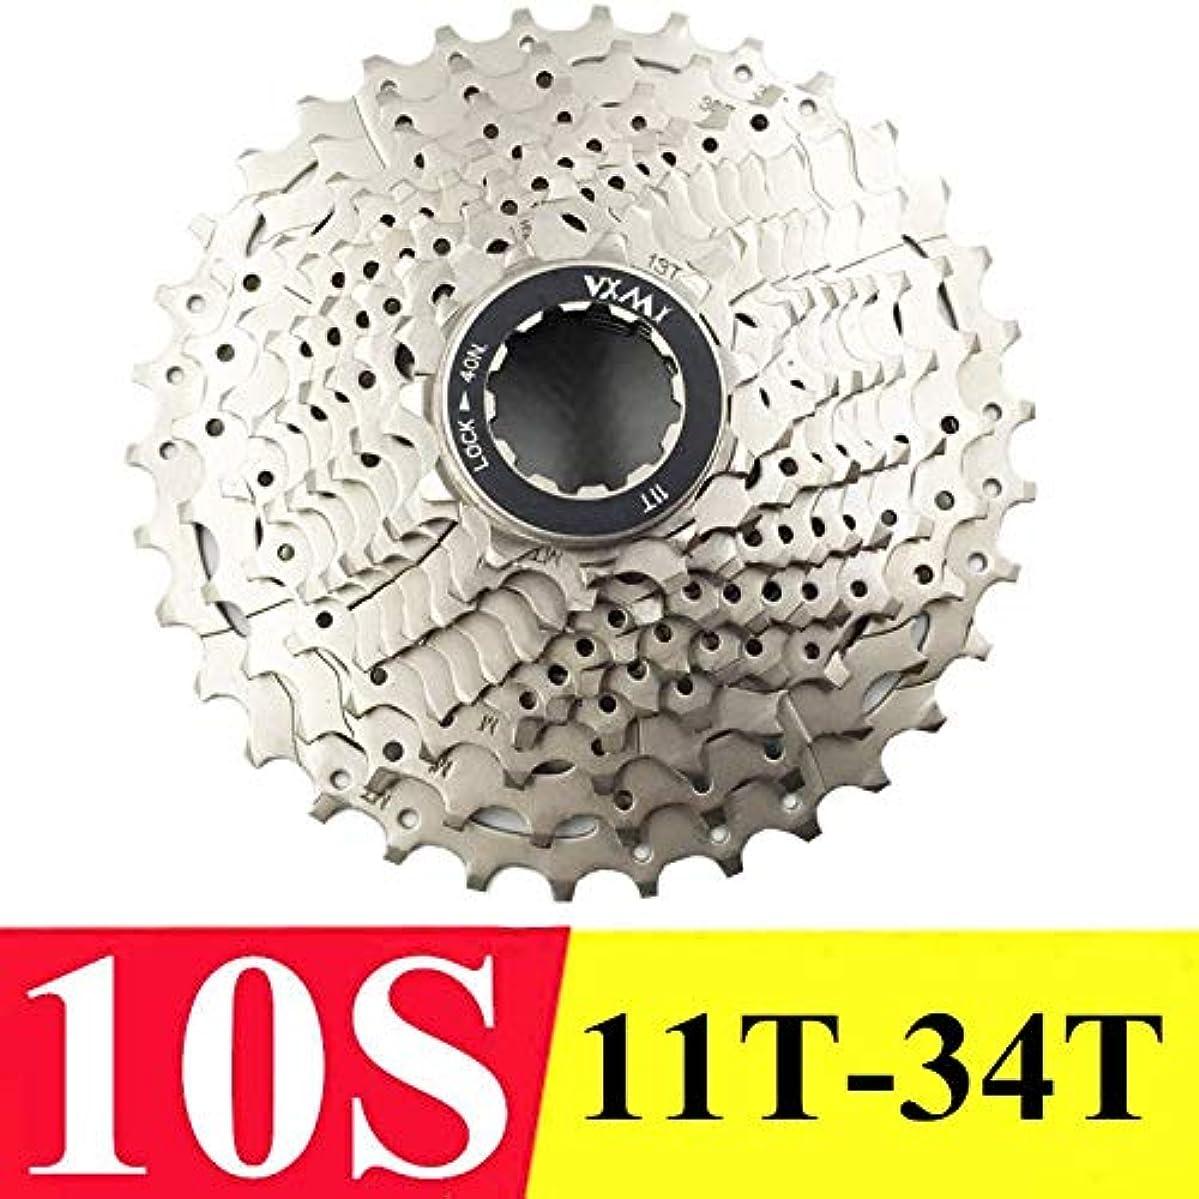 カタログバッフル一般化するPropenary - 自転車フリーホイールフリーホイールカードタイプフライホイール10スピード11-32T / 34T / 36T / 40T / 42T / 46Tカセットフリーホイール自転車部品[10S 34Tシルバー]